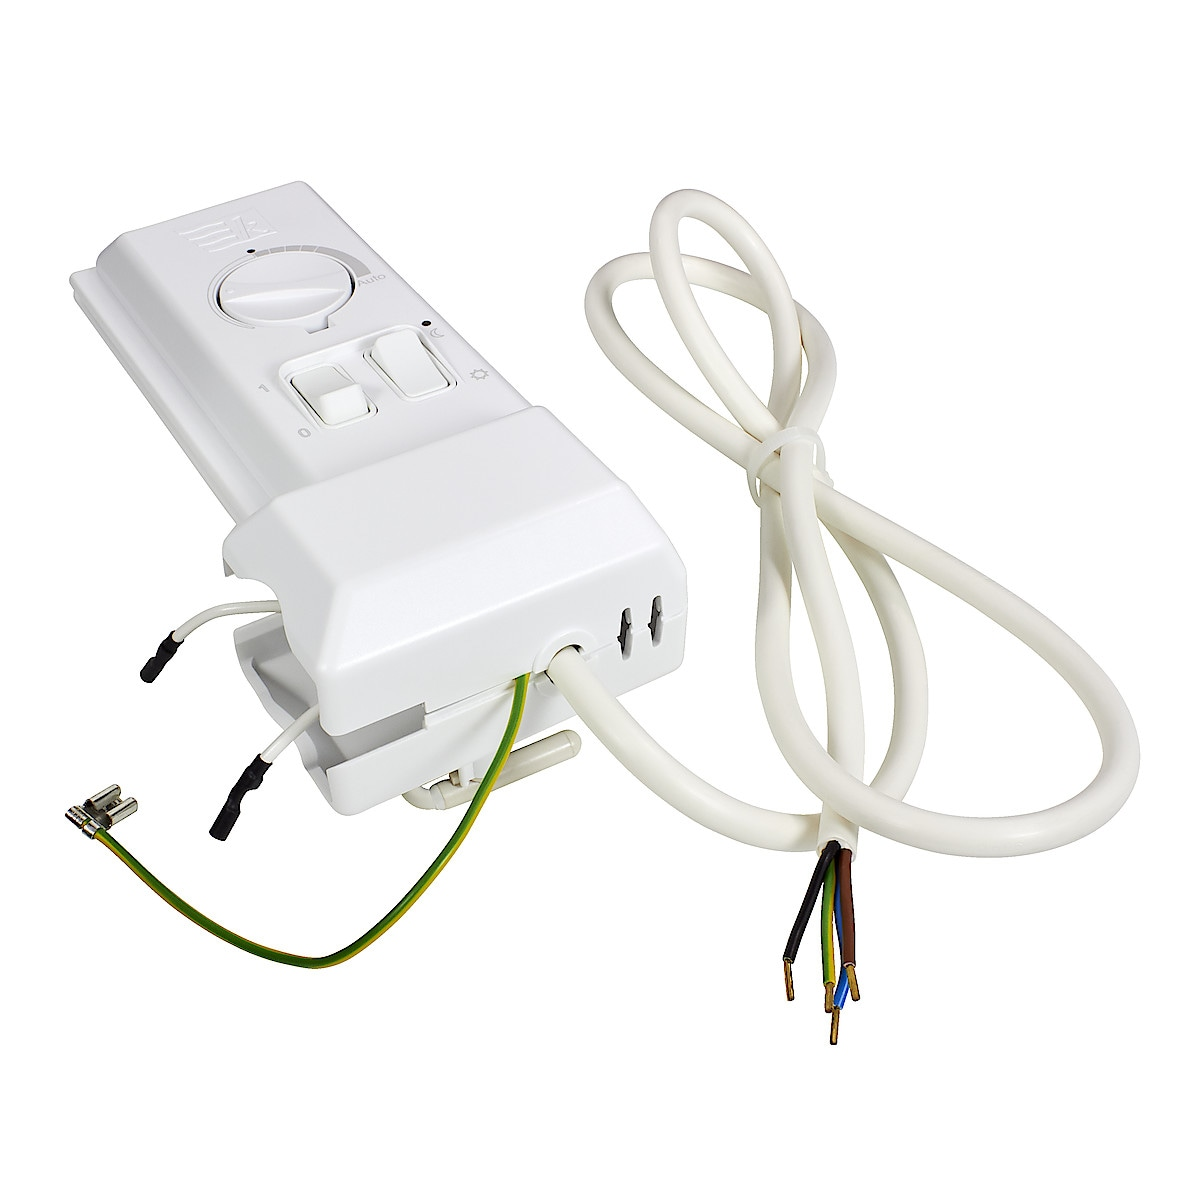 Elektroninen termostaatti 400 V Gnosjö Klimatprodukter